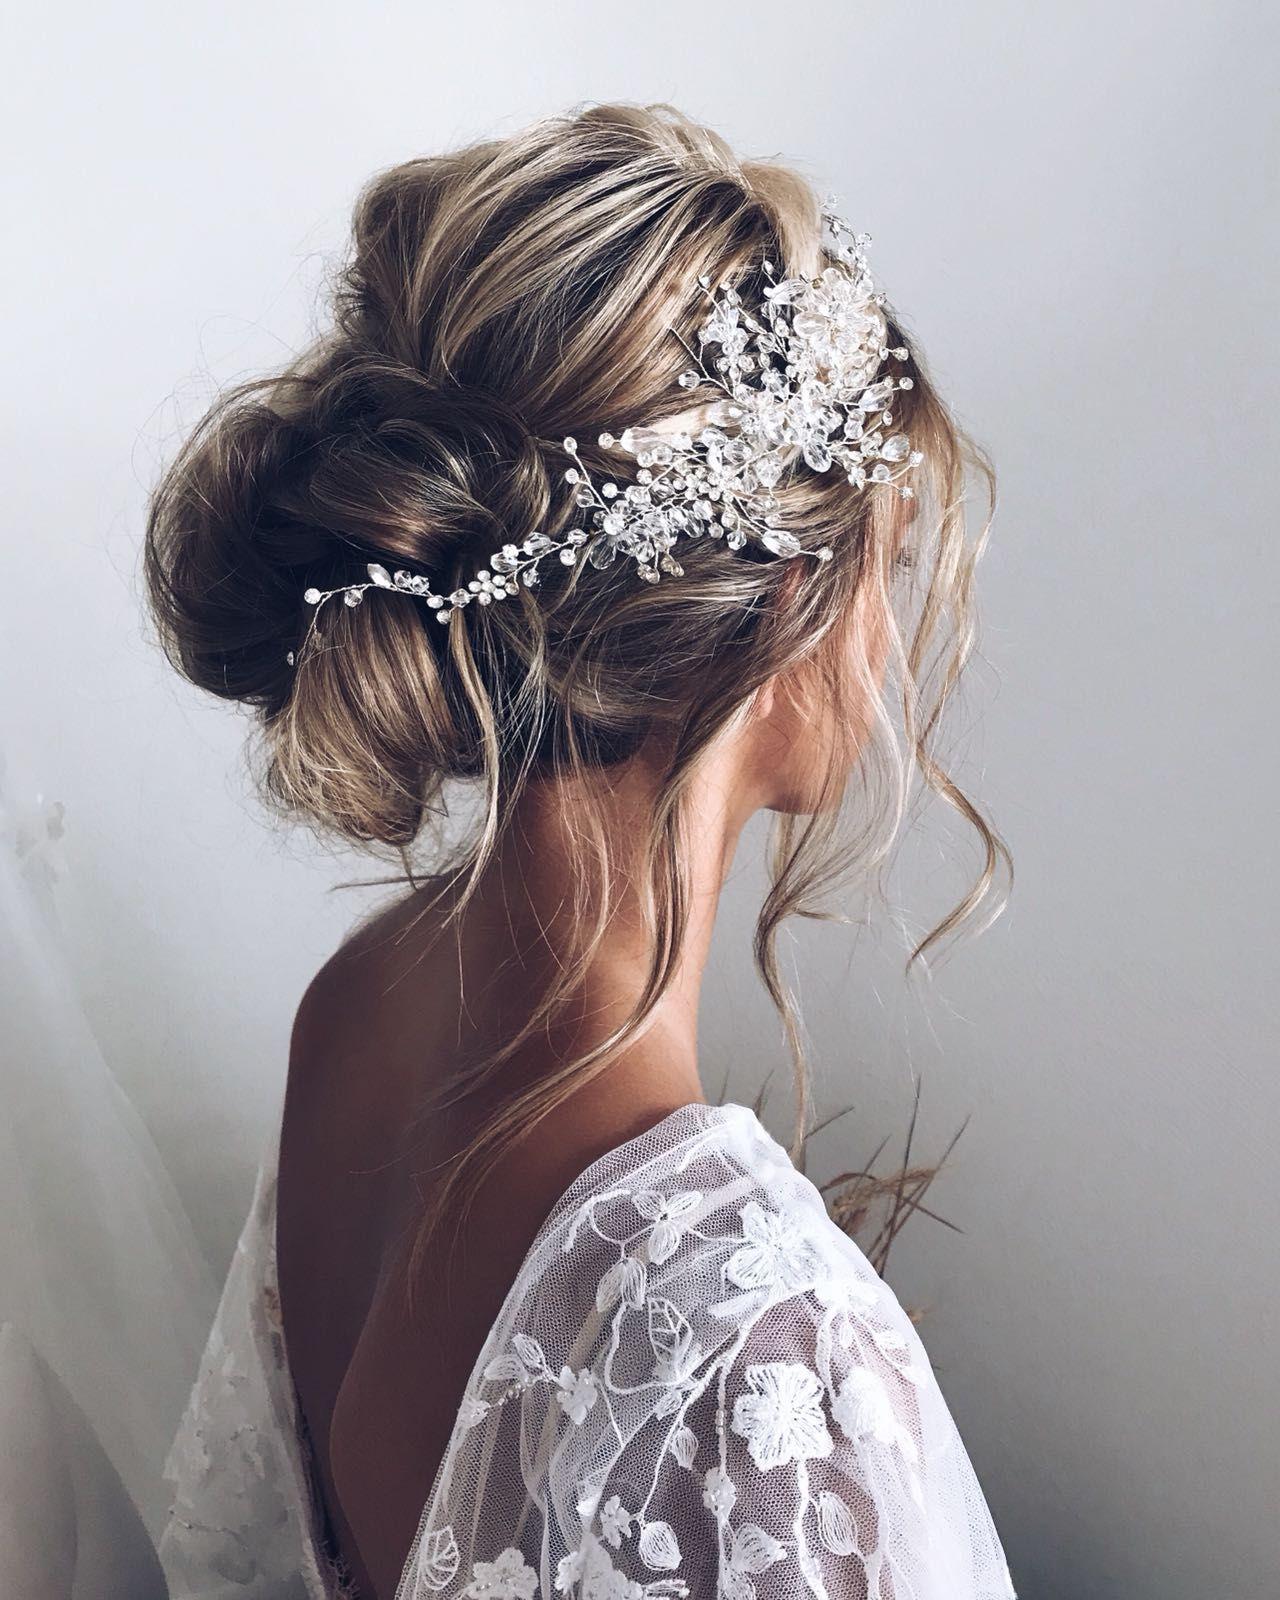 hair by ulyana aster #weddinghair #hairstyle #bridalhair